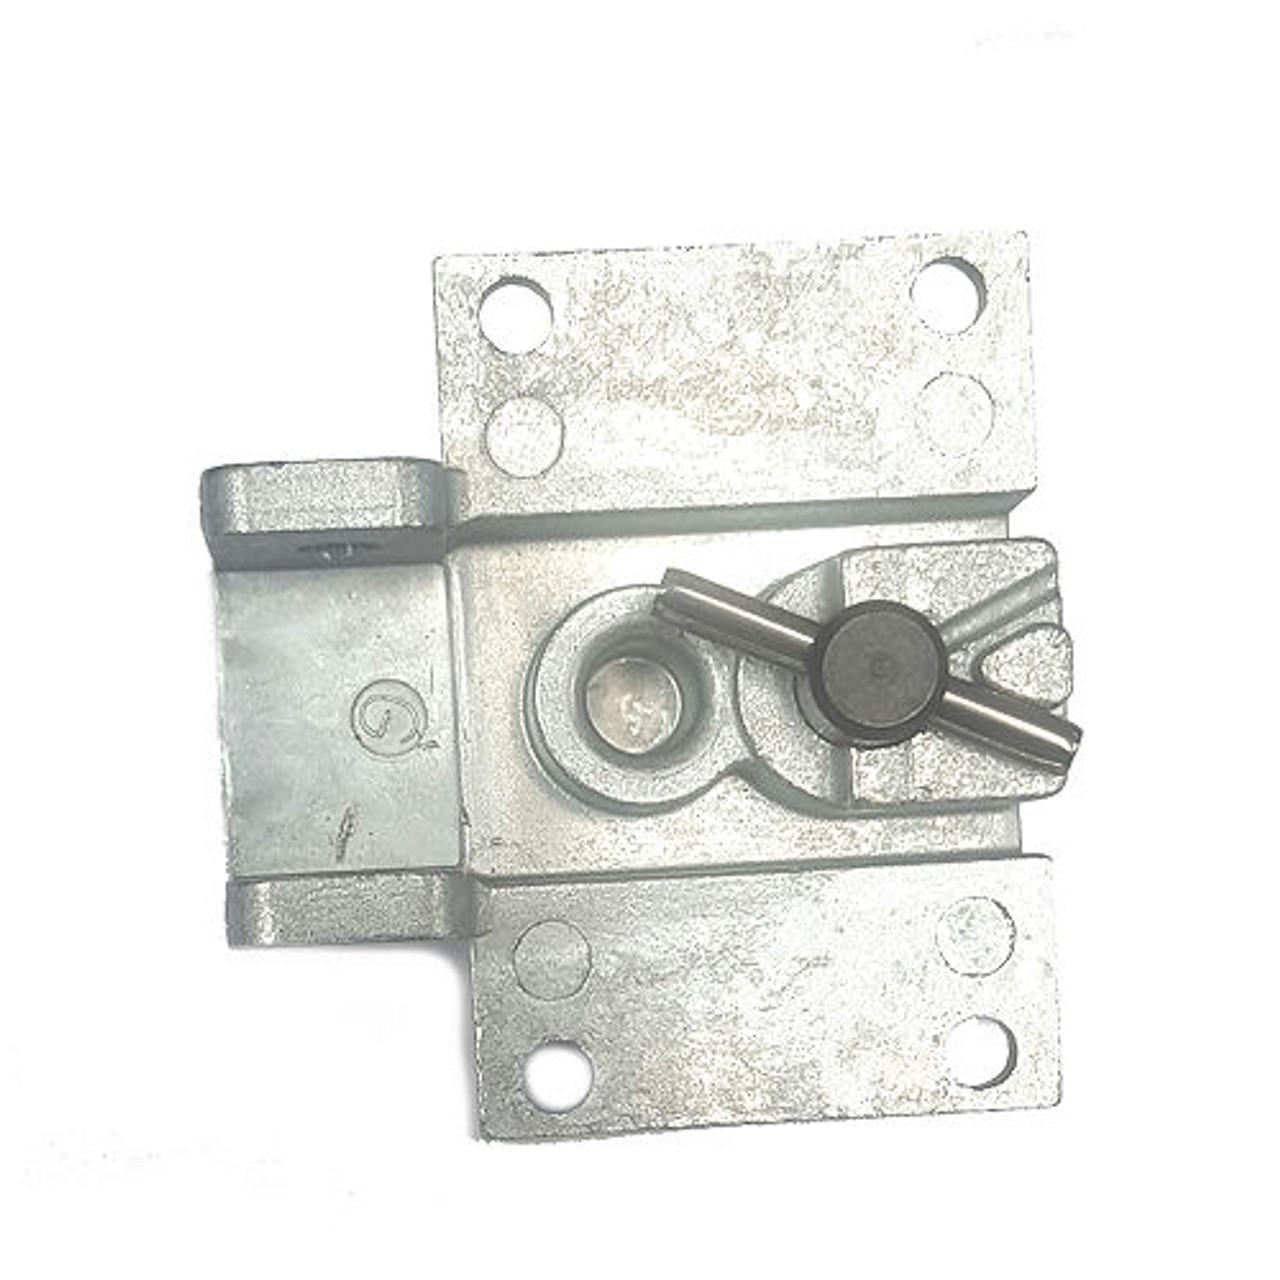 MoreChioce Lot de 2 supports de plaque dimmatriculation en velcro pour plaque dimmatriculation avant et arri/ère 360 /à 520 mm